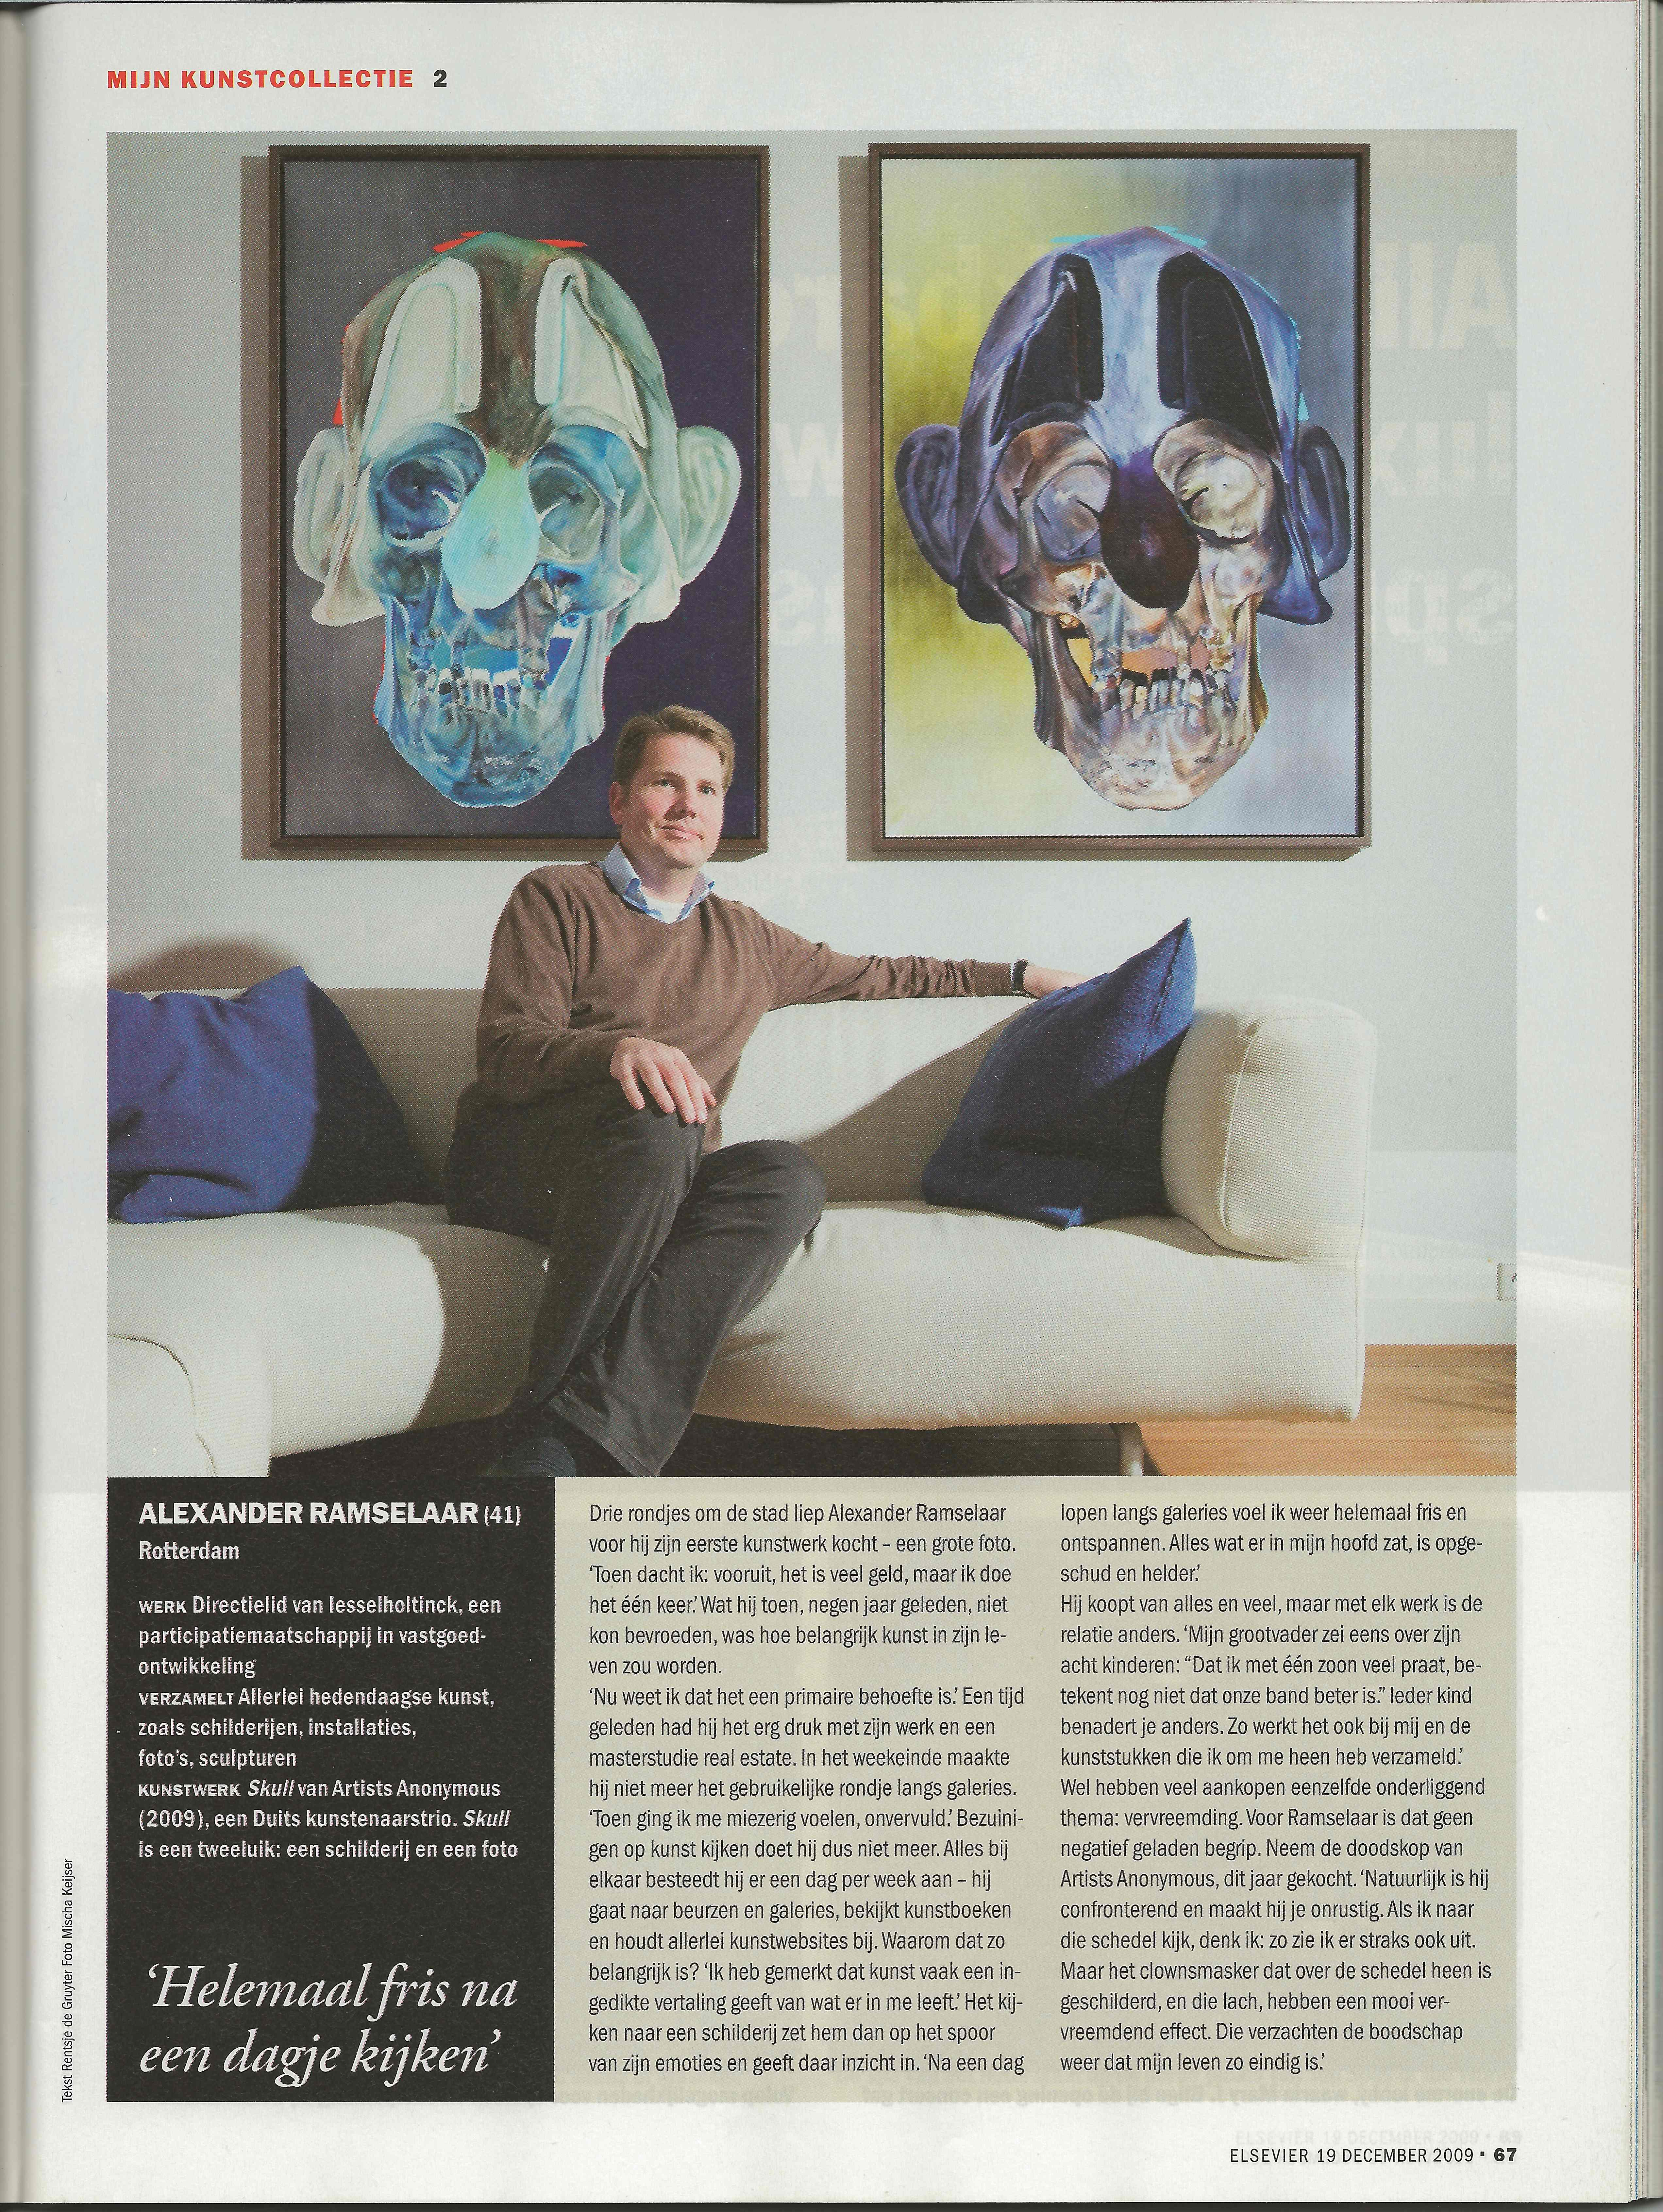 Elsevier 19 december 2009